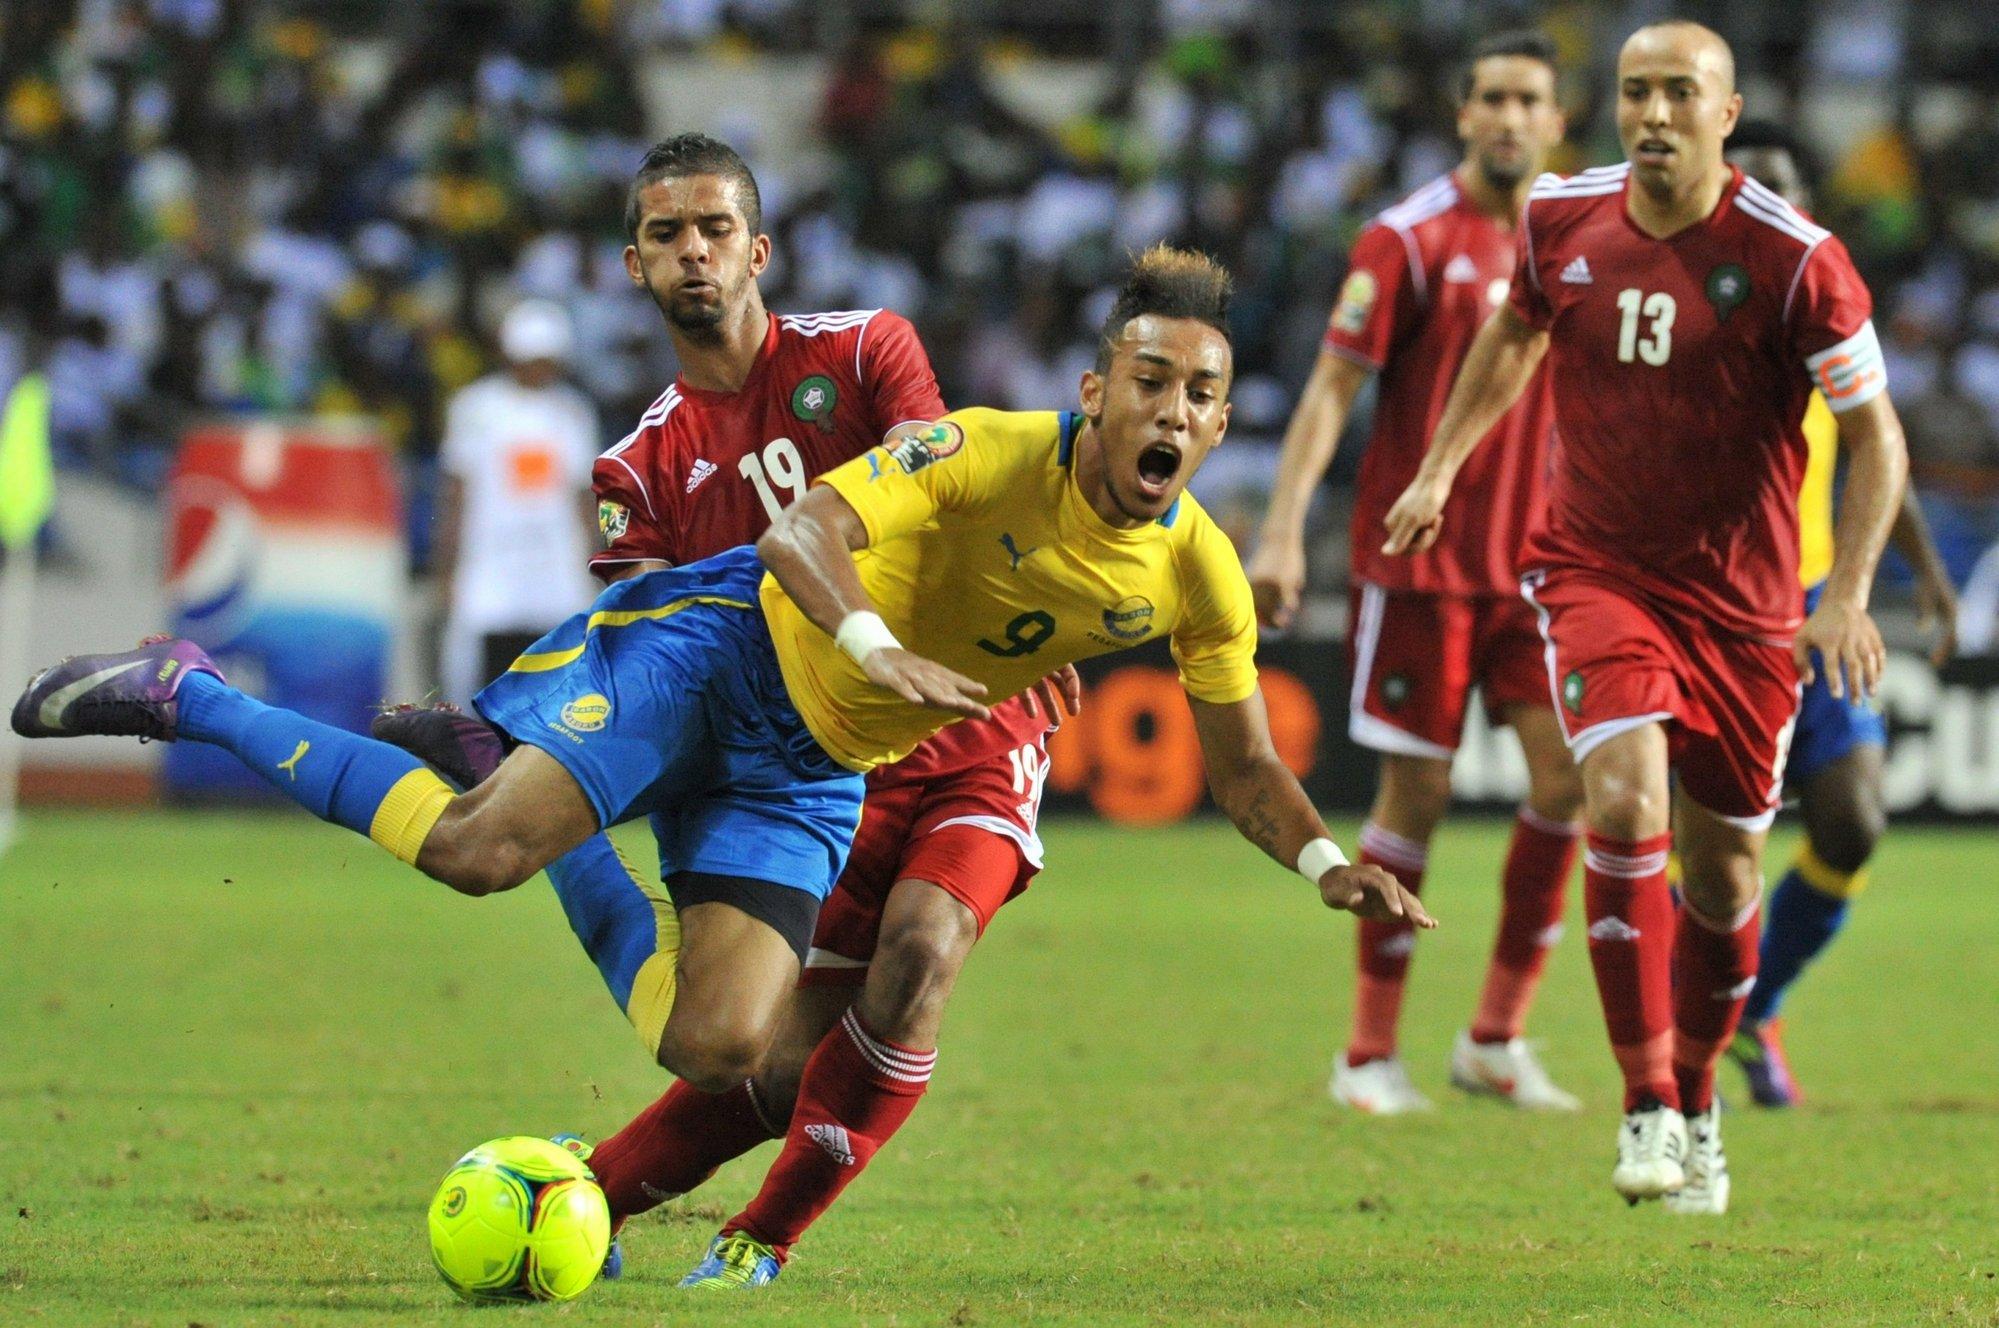 Gabón pasa a cuartos y elimina a Marruecos